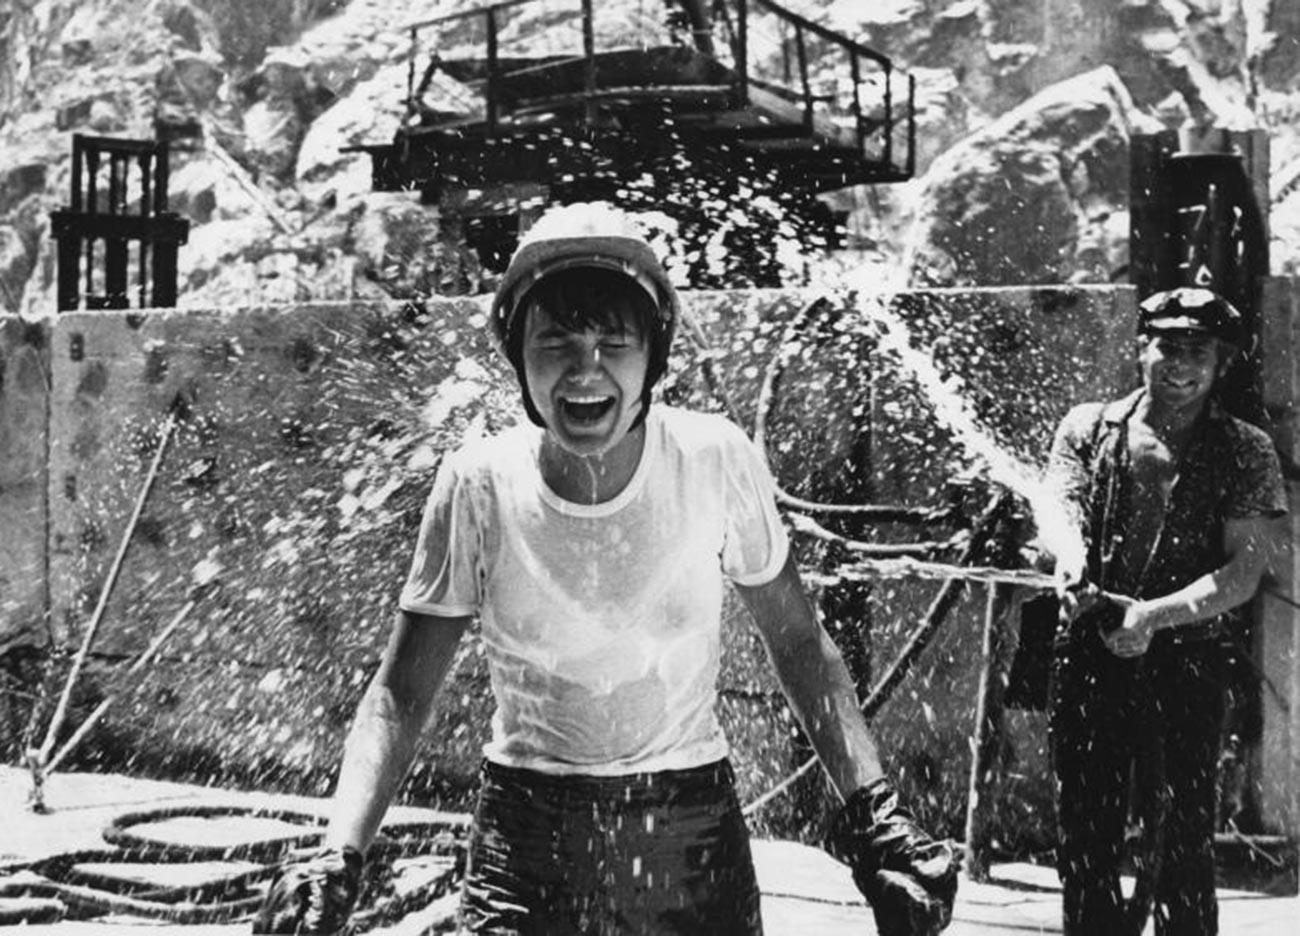 Auf der Baustelle des Wasserkraftwerks Toktogulskaja, Kirgisische SSR, 1975-1976